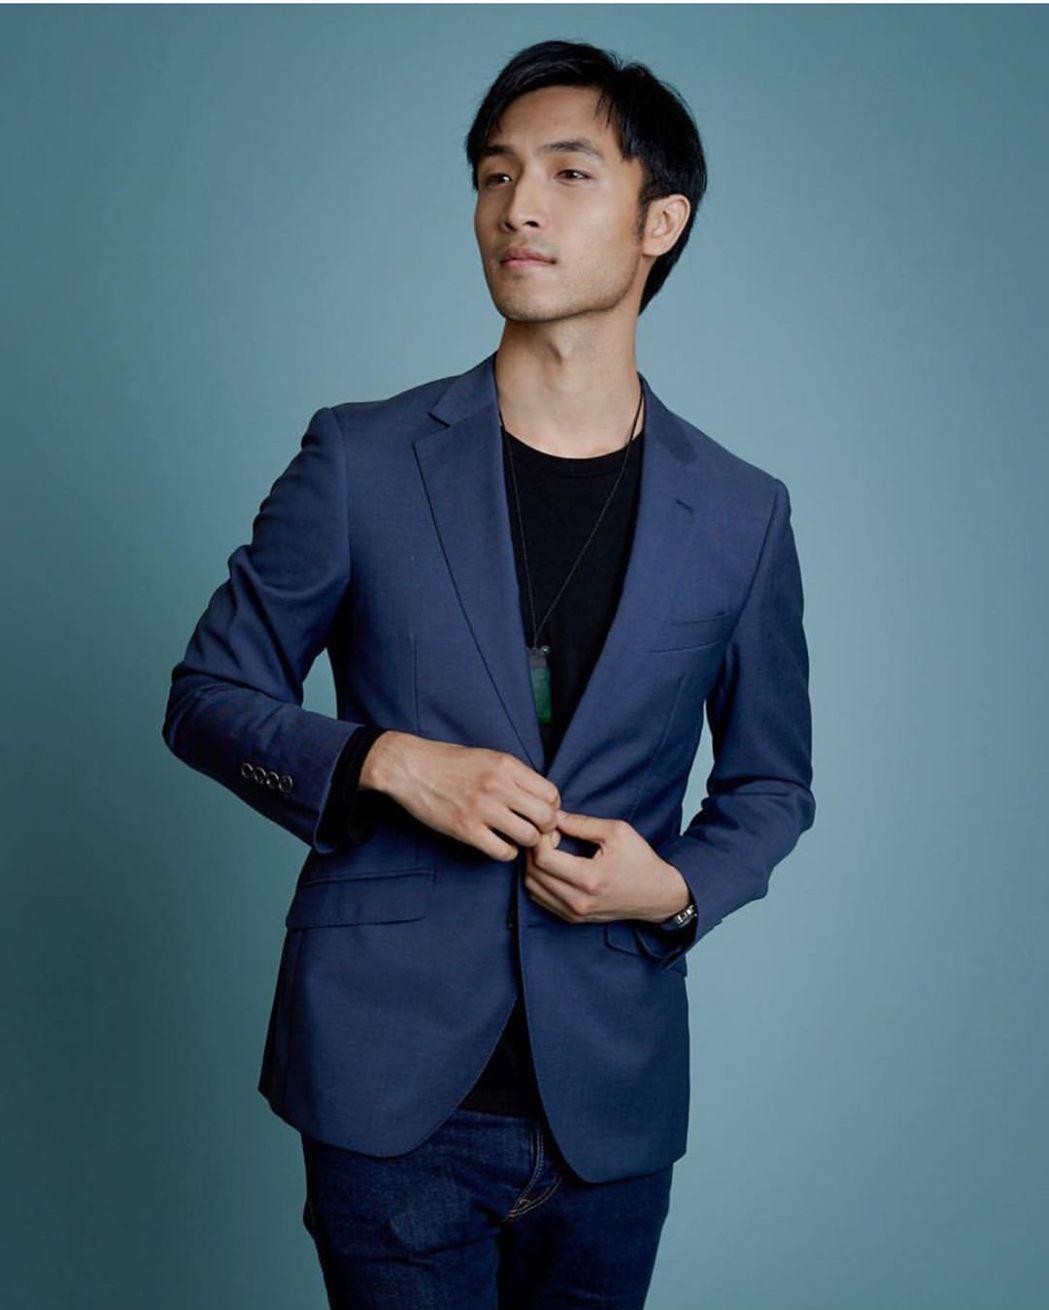 安柚鑫在「花木蘭」將是戲分重要的男主角之一。圖/摘自Instagram